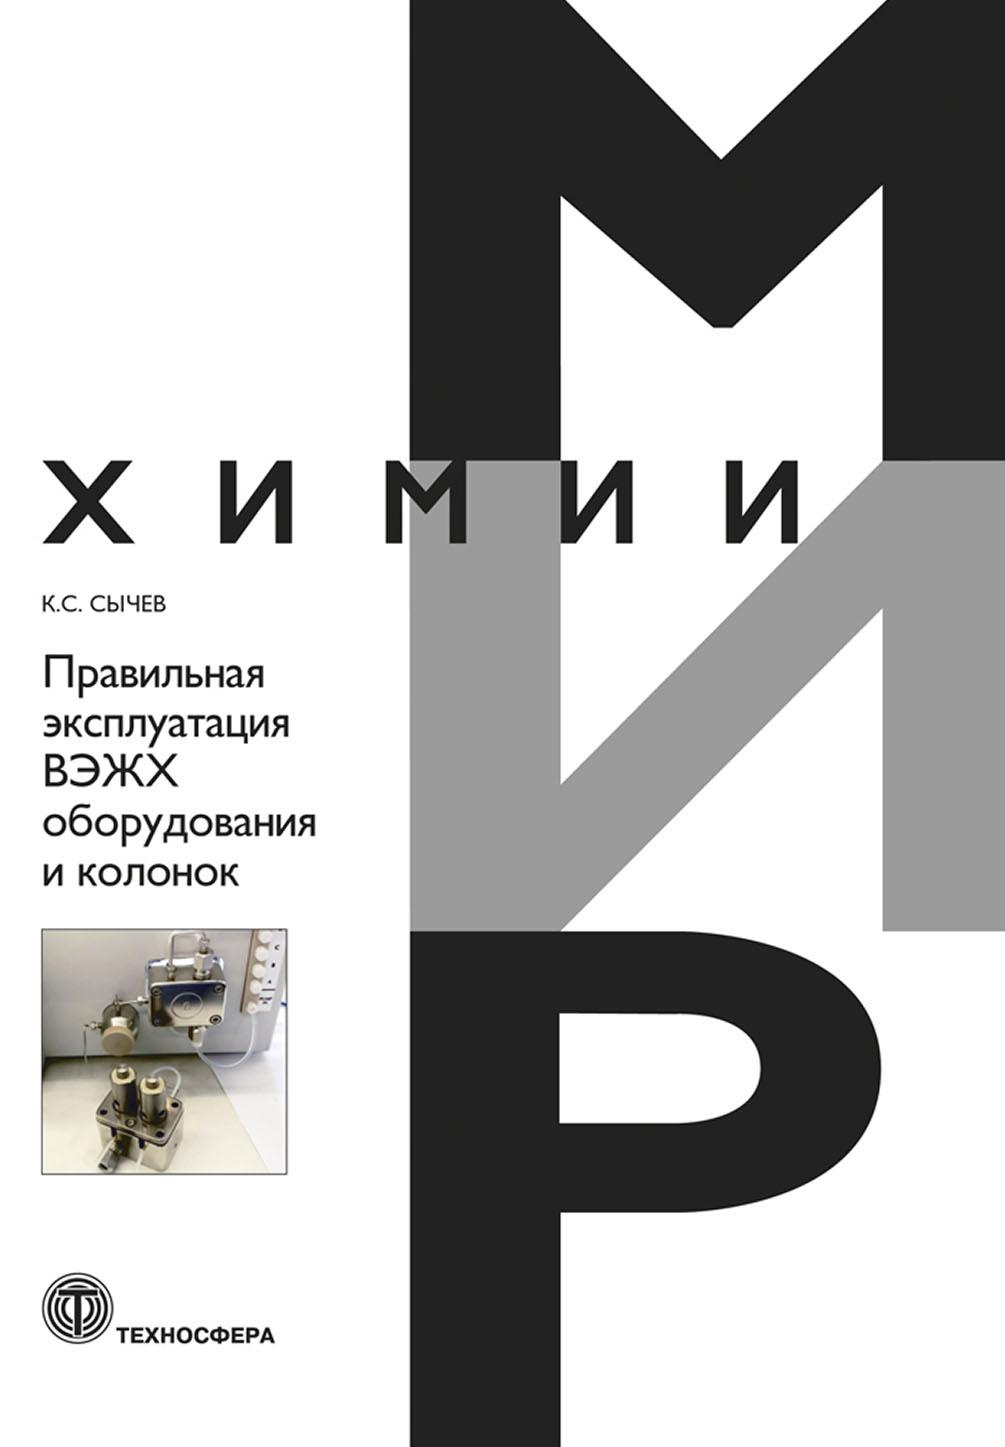 Правильная эксплуатация ВЭЖХ оборудования и колонок